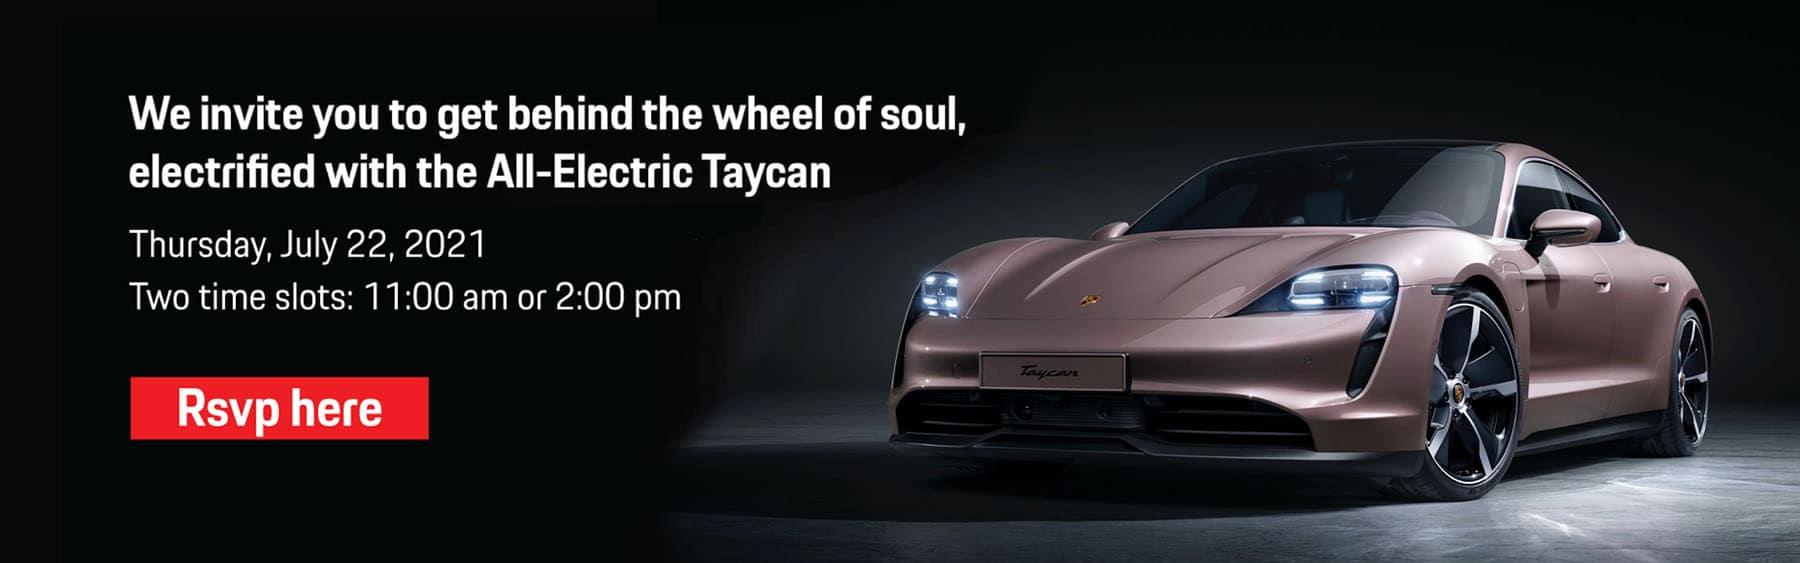 Porsche-tayvan event rsvp-